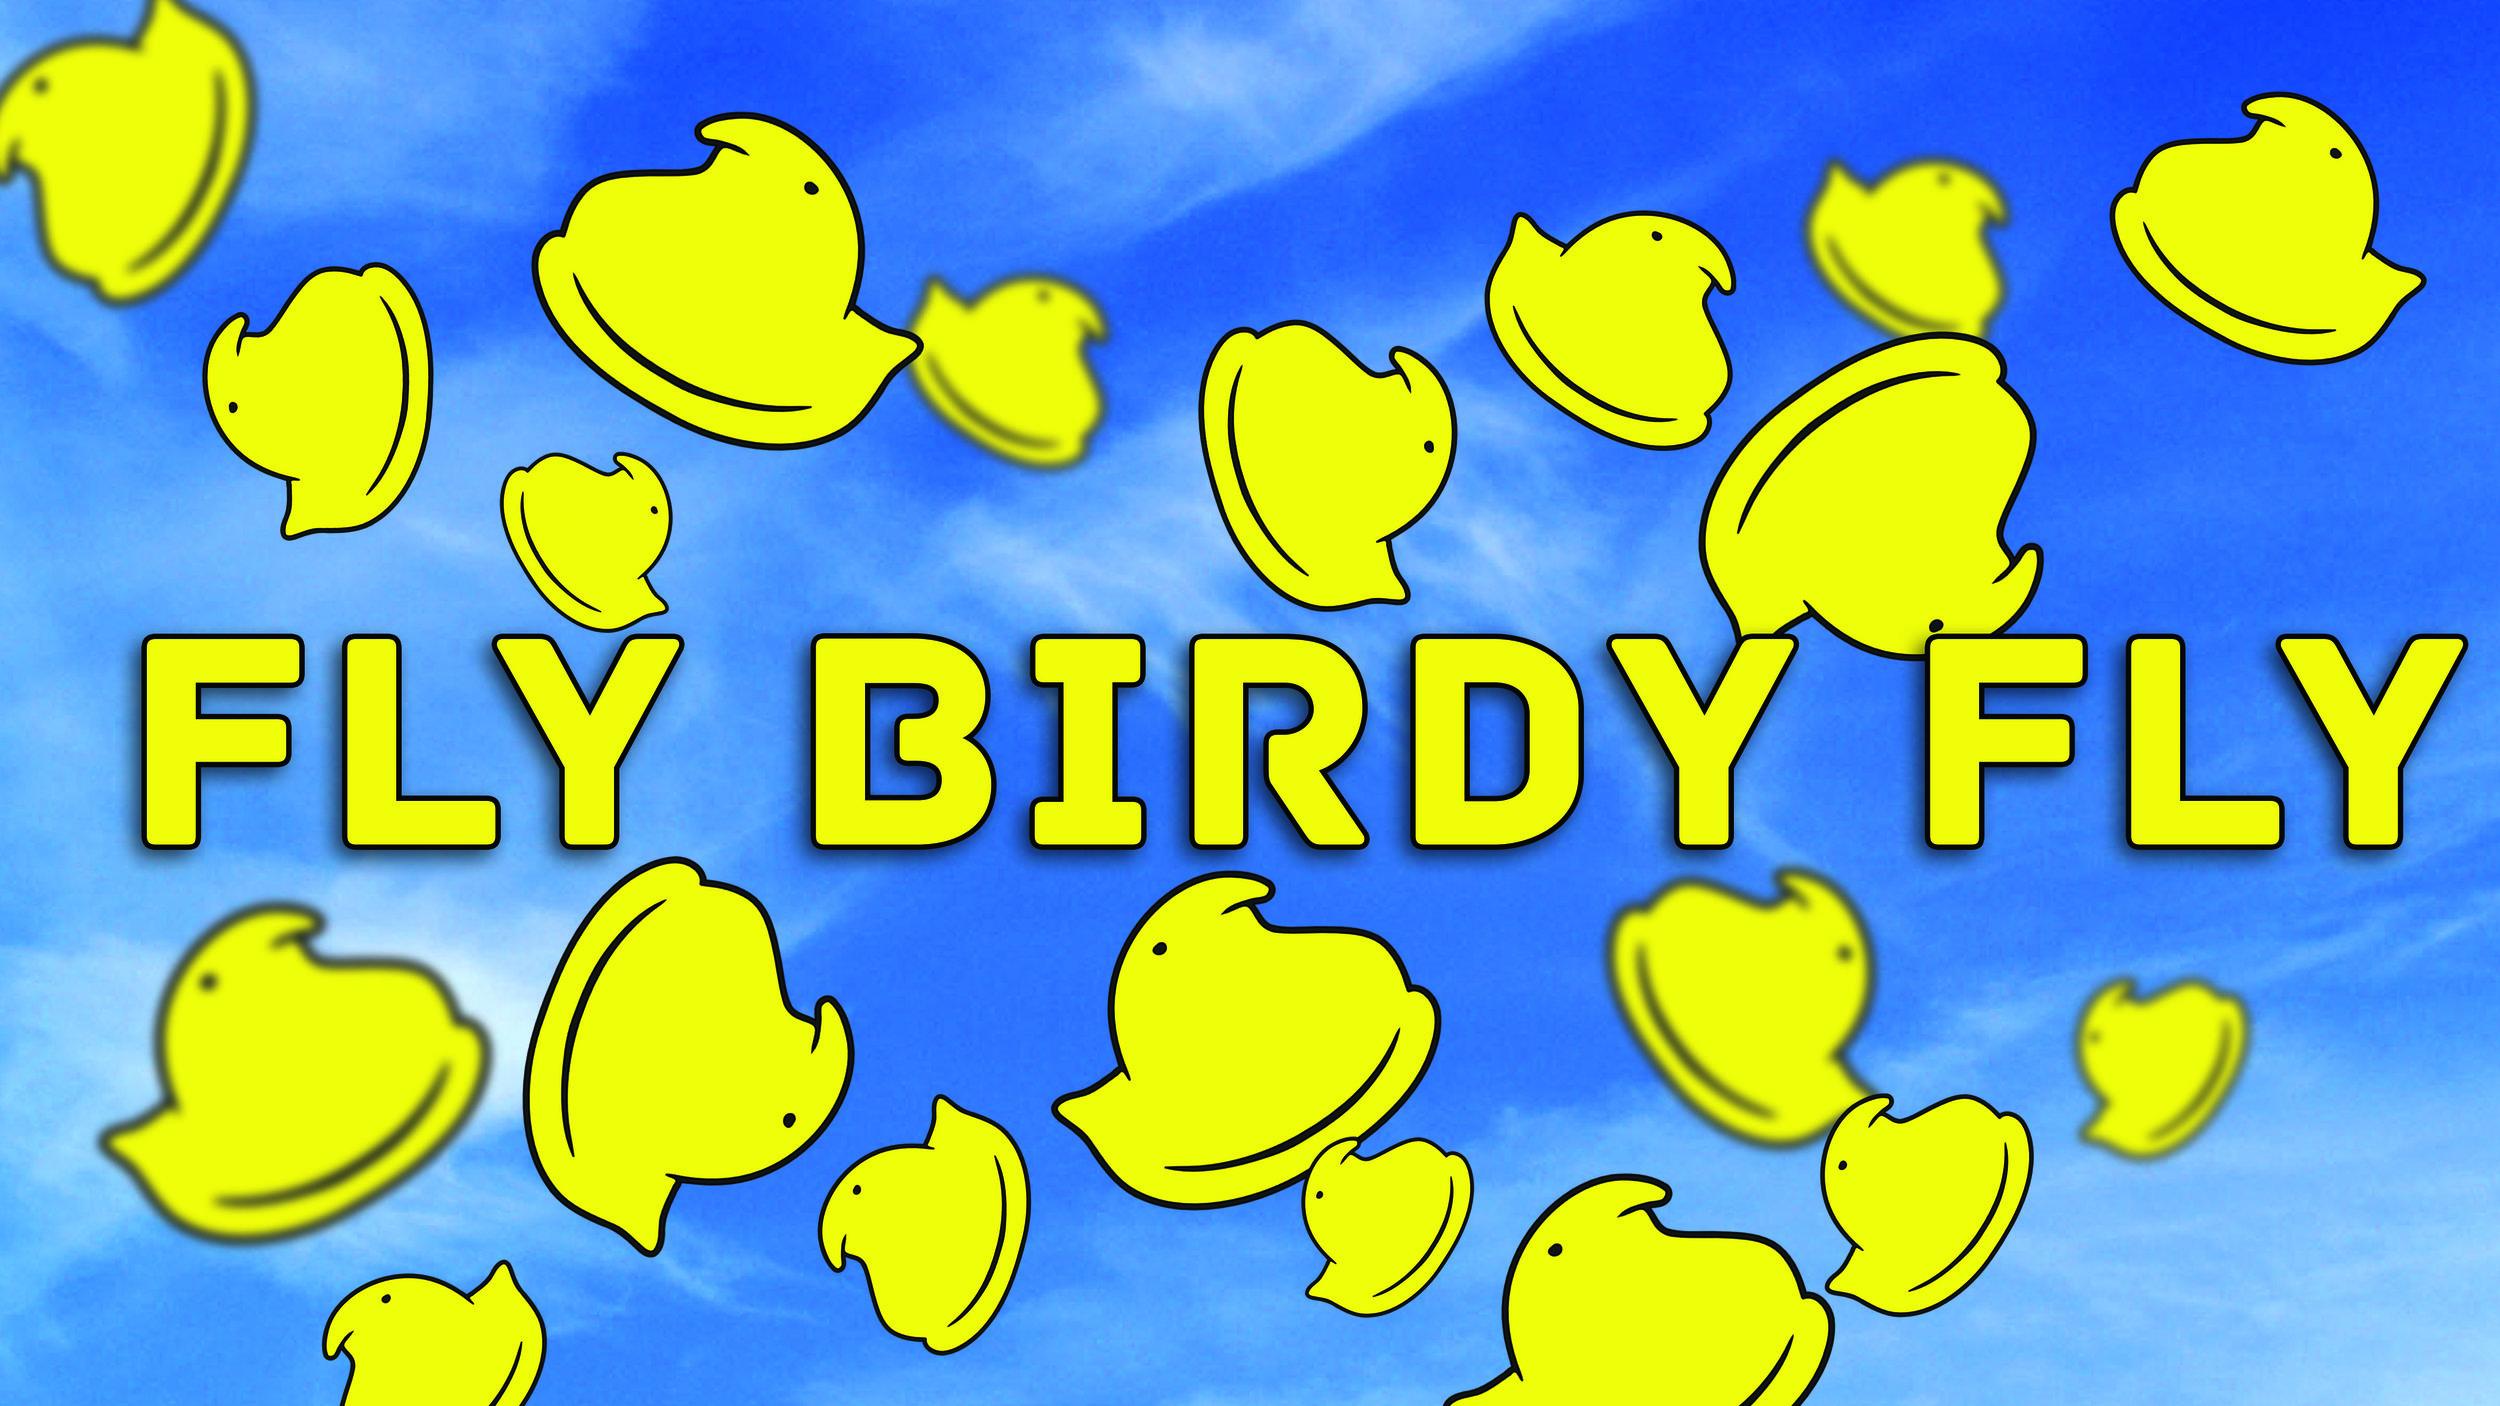 Fly Birdy Fly.jpg